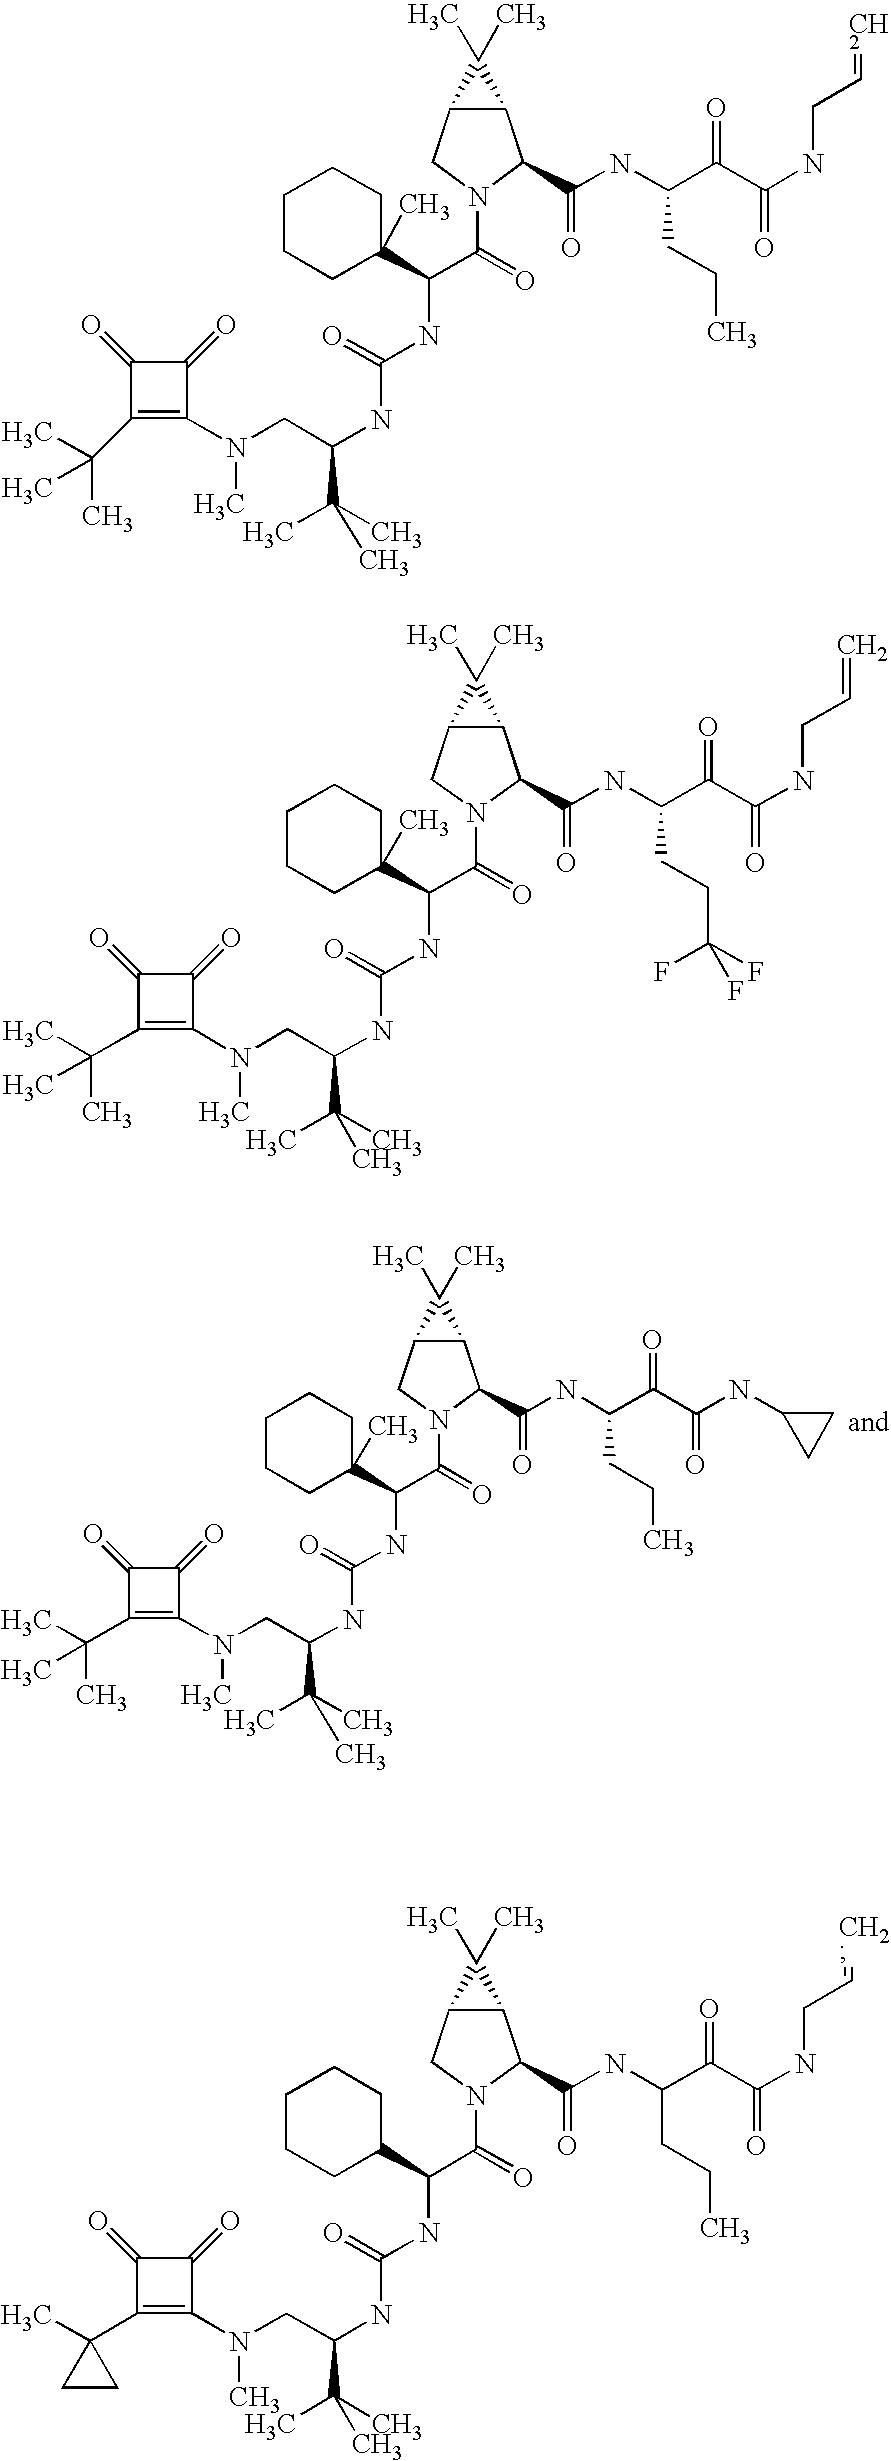 Figure US20060287248A1-20061221-C00554